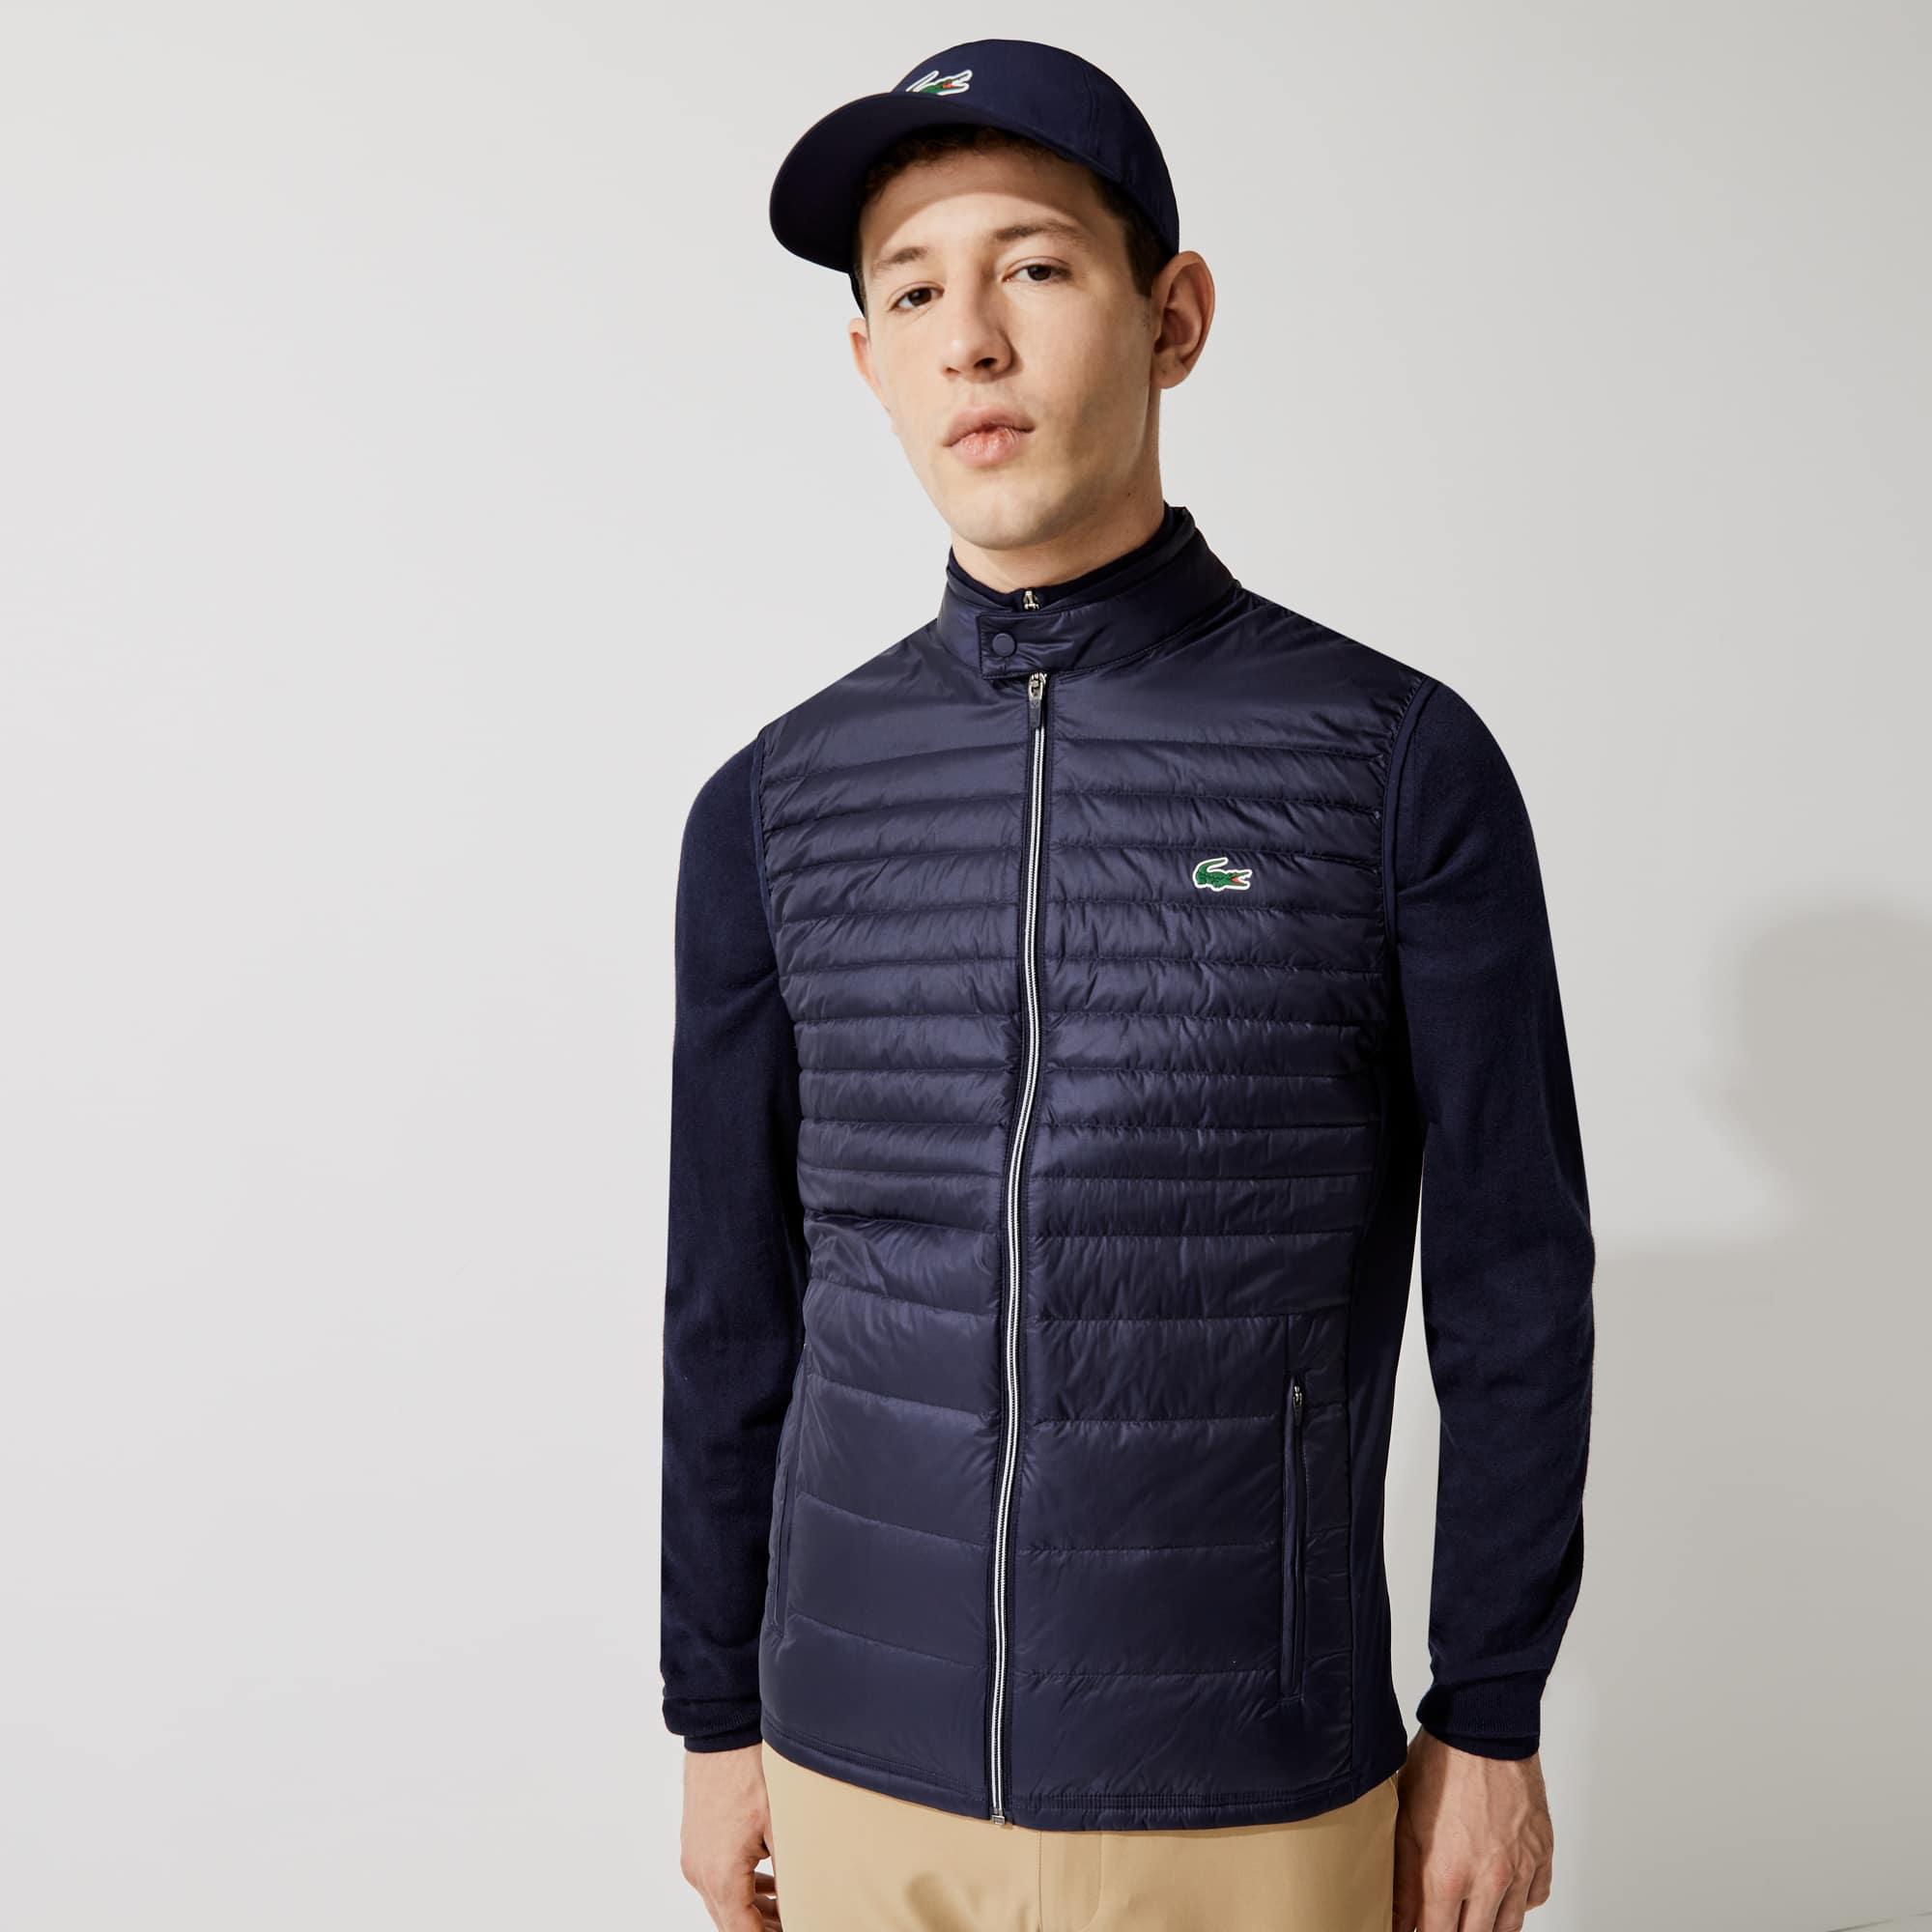 라코스테 스포츠 퀼팅 조끼 Lacoste Mens SPORT Lightweight Water-Resistant Quilted Vest,Navy Blue - 5FS